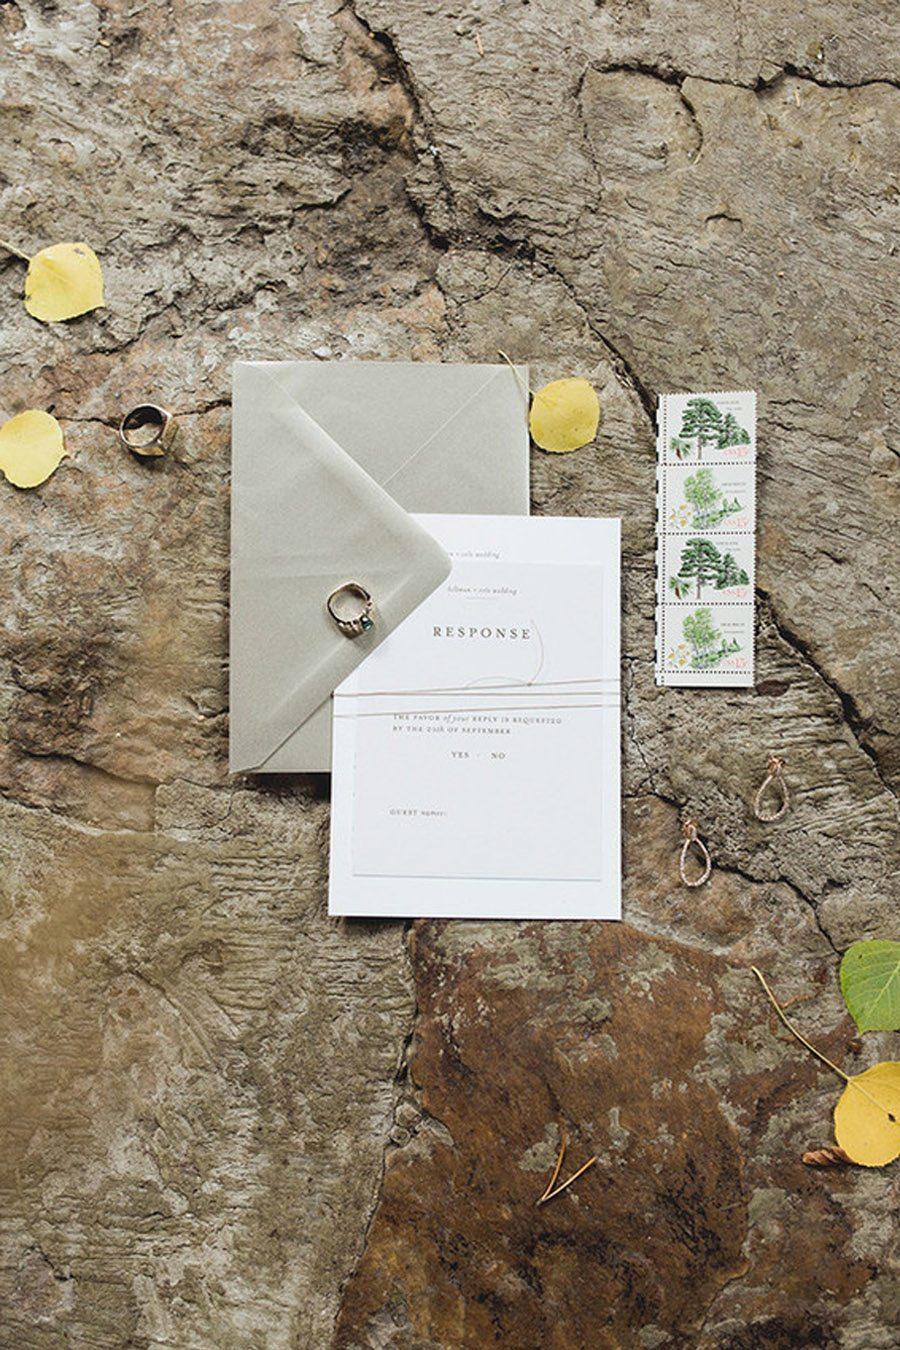 UNA BODA DE INVIERNO EN LA MONTAÑA invitaciones-boda-invierno